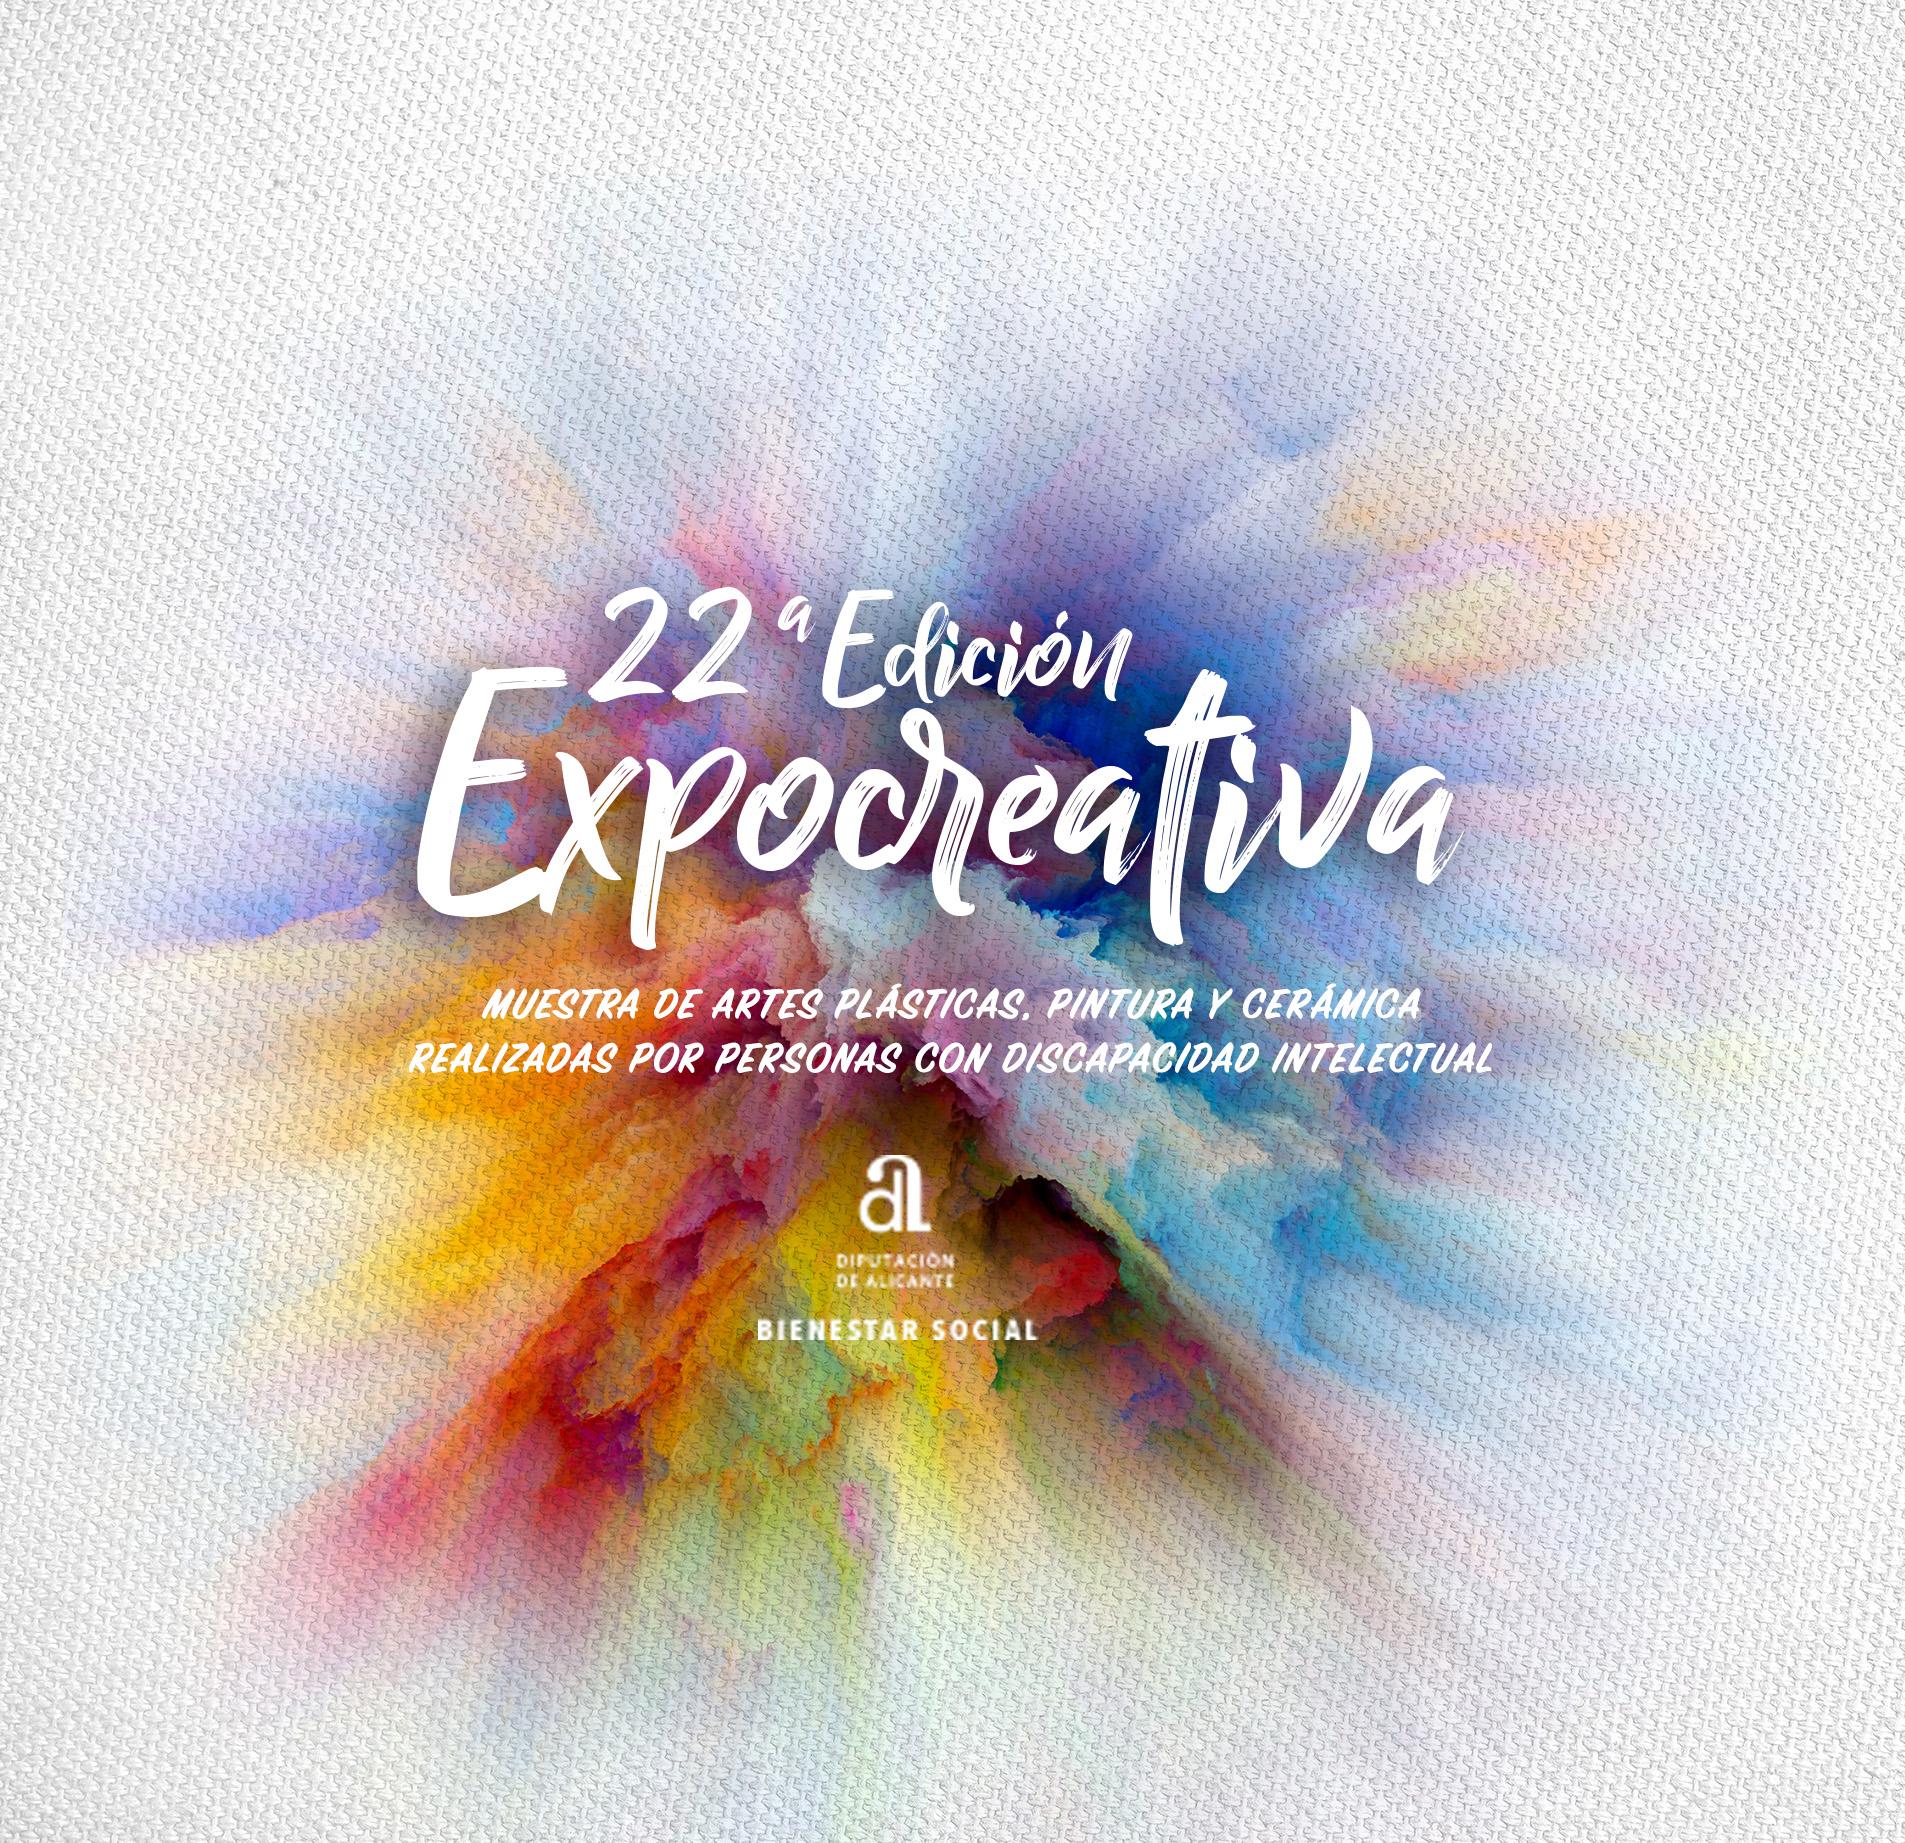 Expocreativa 2019 - Diputación de Alicante